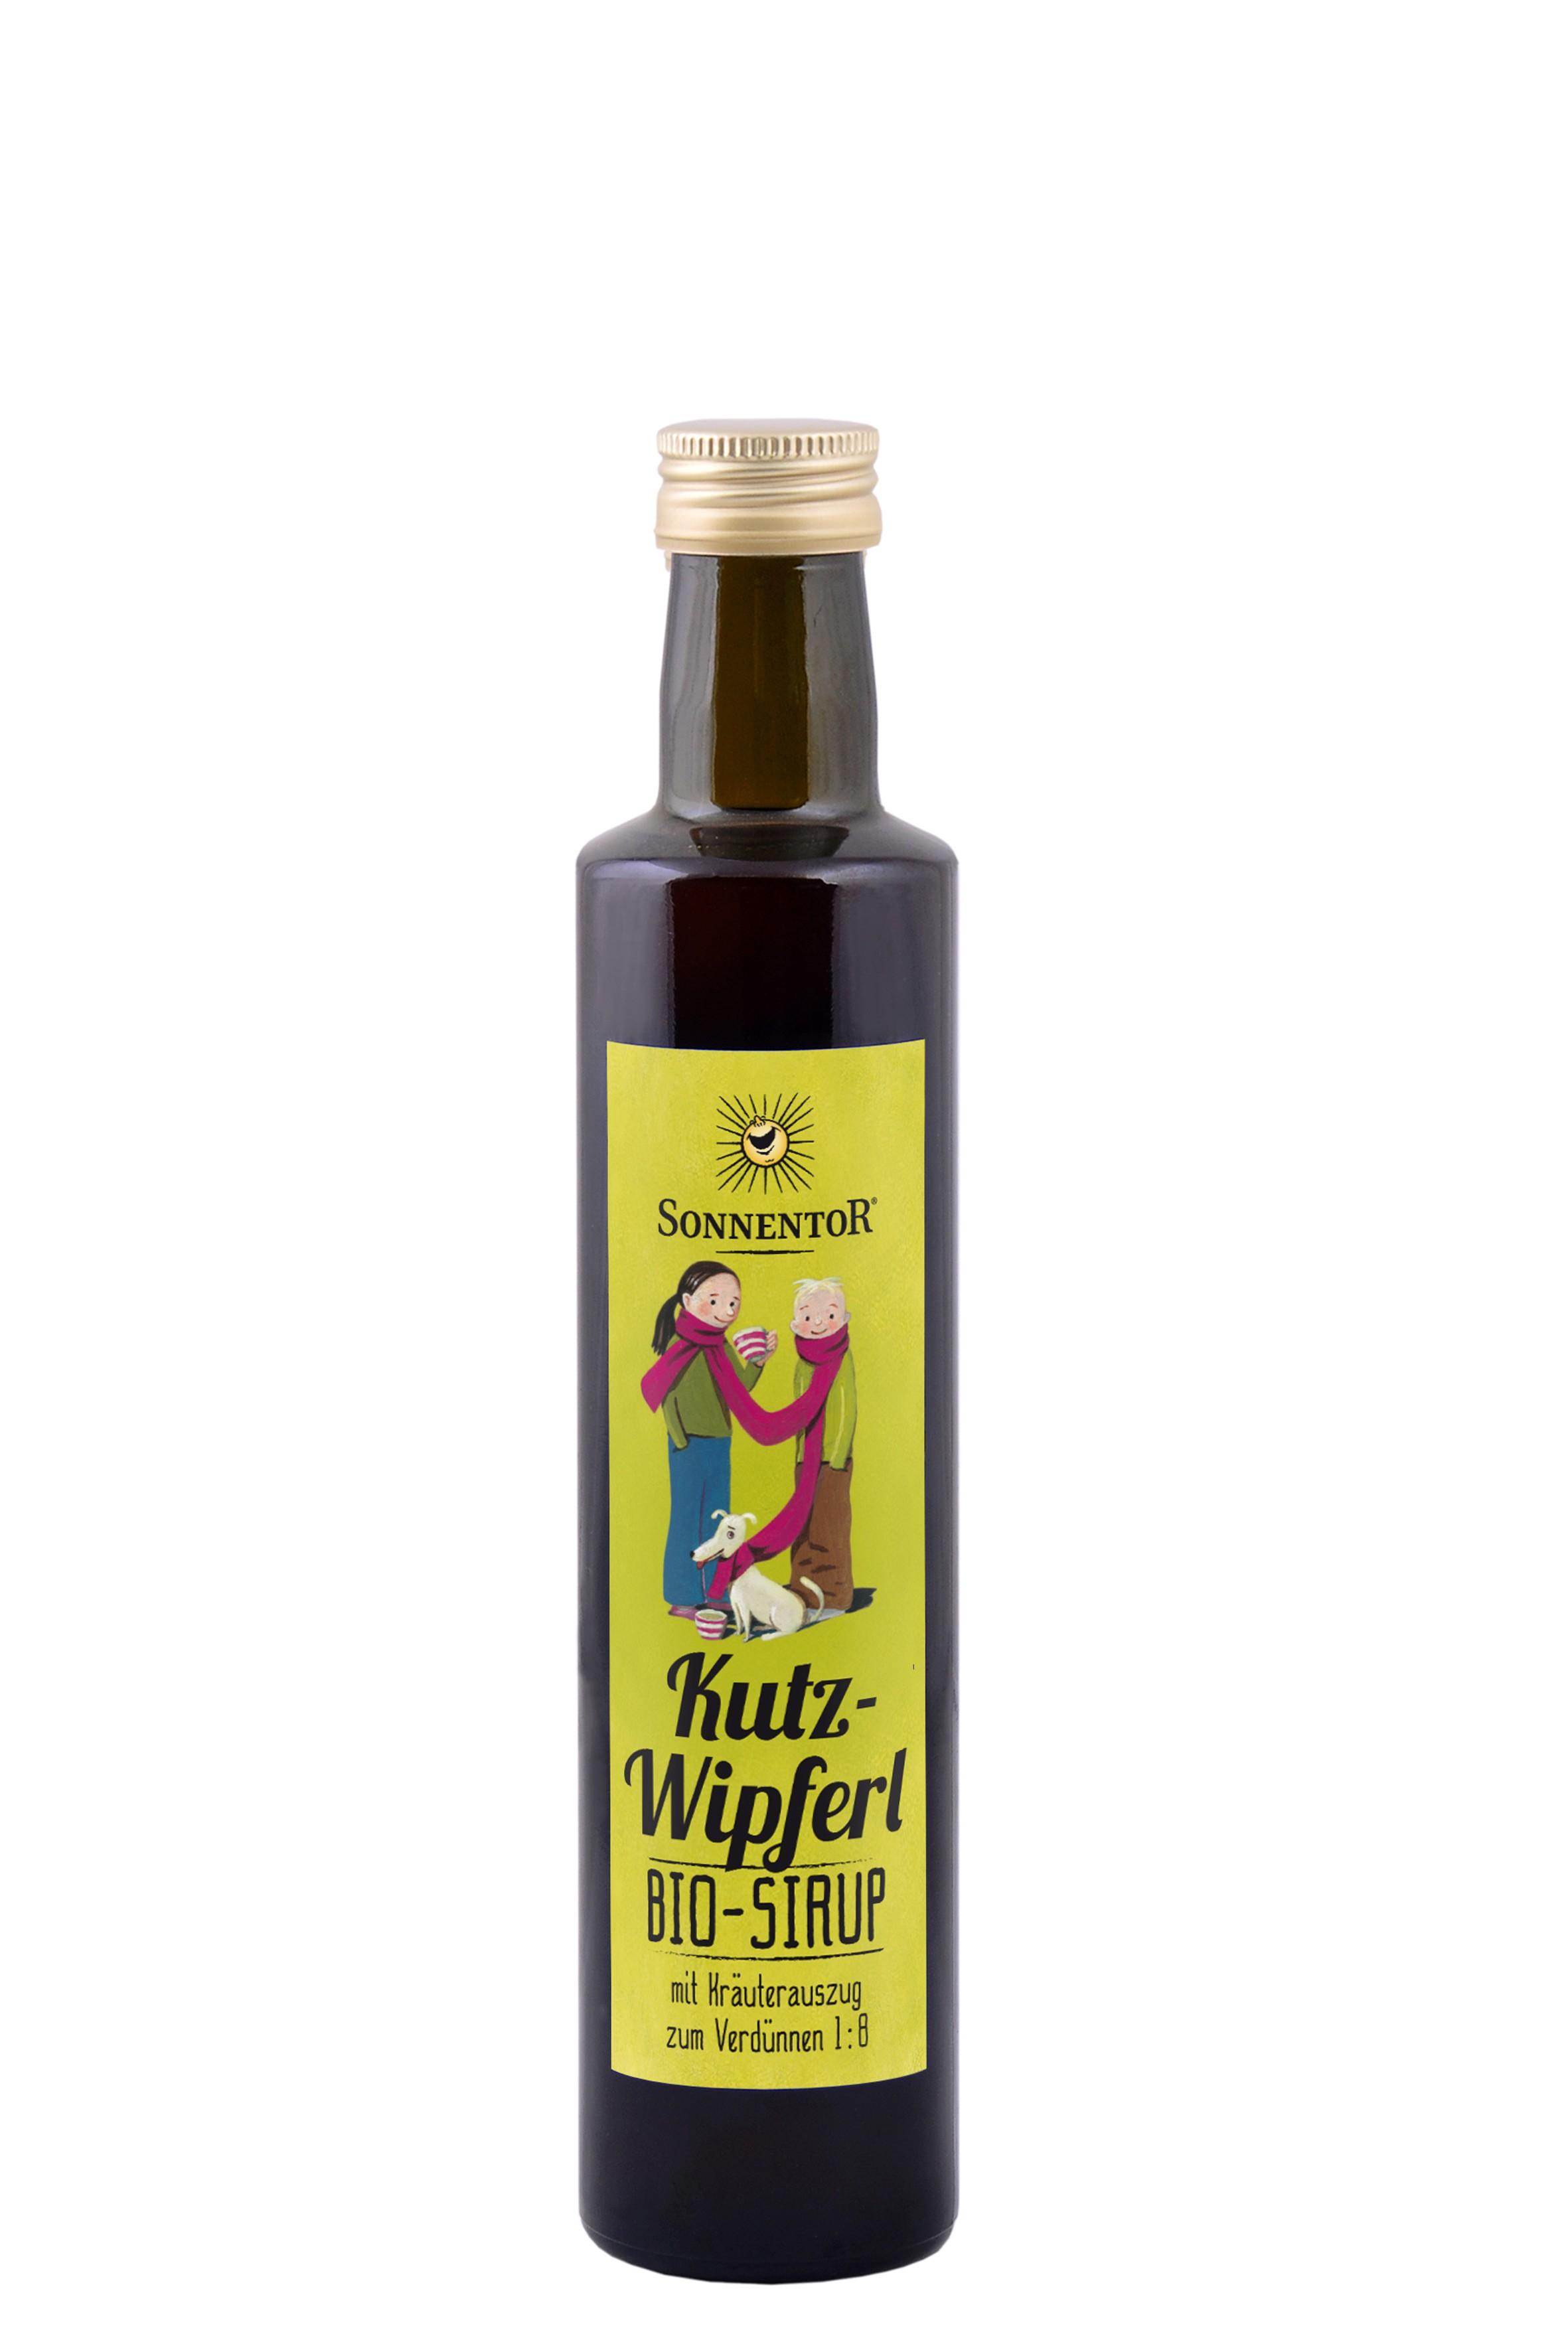 Kutz Wipferl Sirup 250ml bio